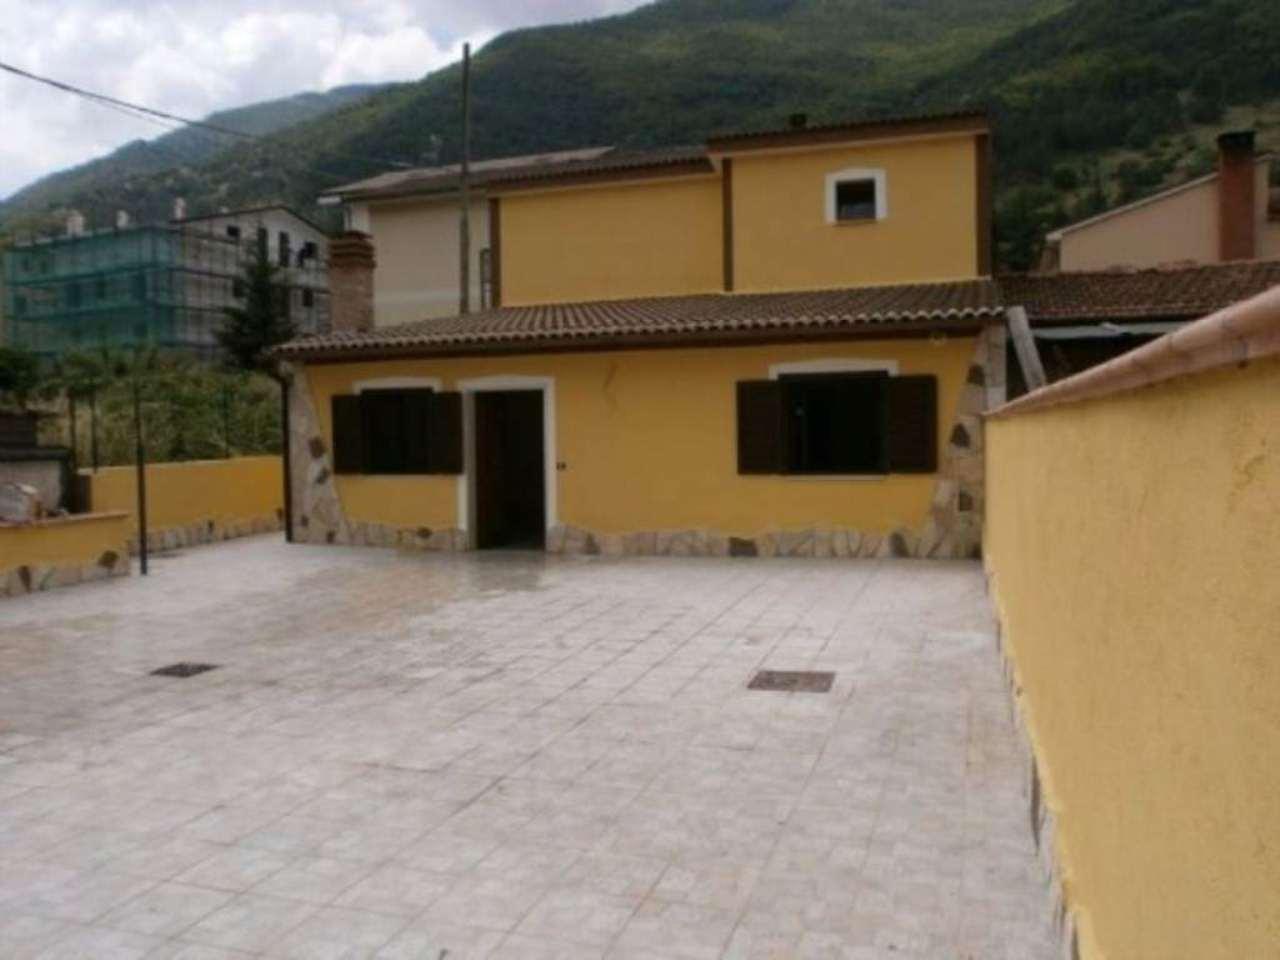 Villa a Schiera in vendita a Villalago, 6 locali, prezzo € 115.000   Cambio Casa.it